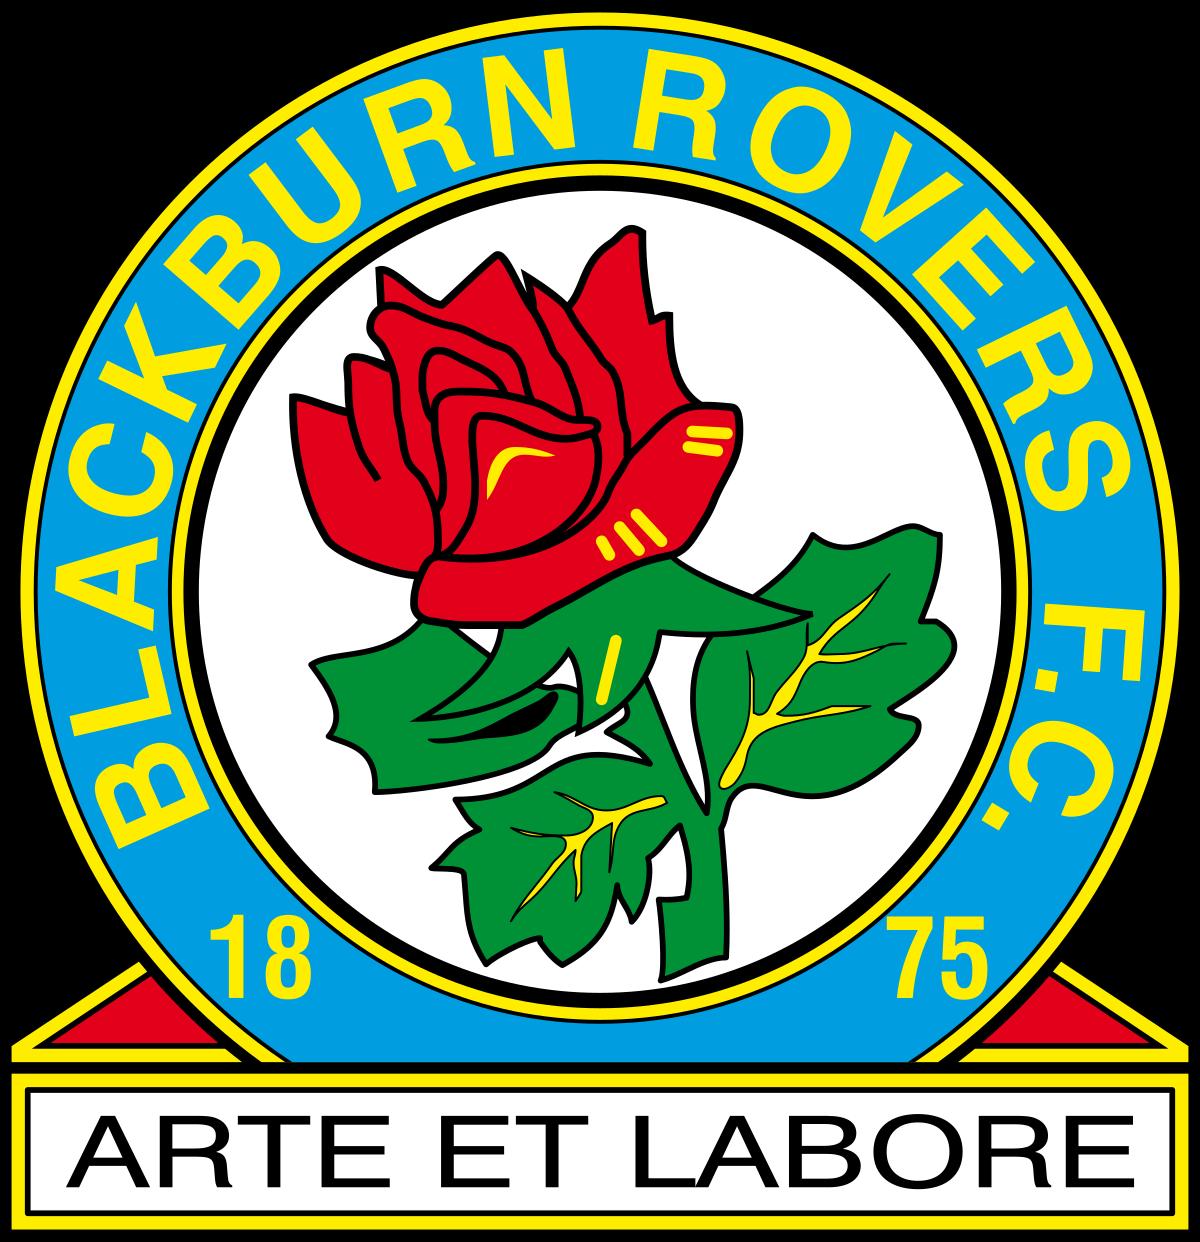 Блекбърн U23 - Logo